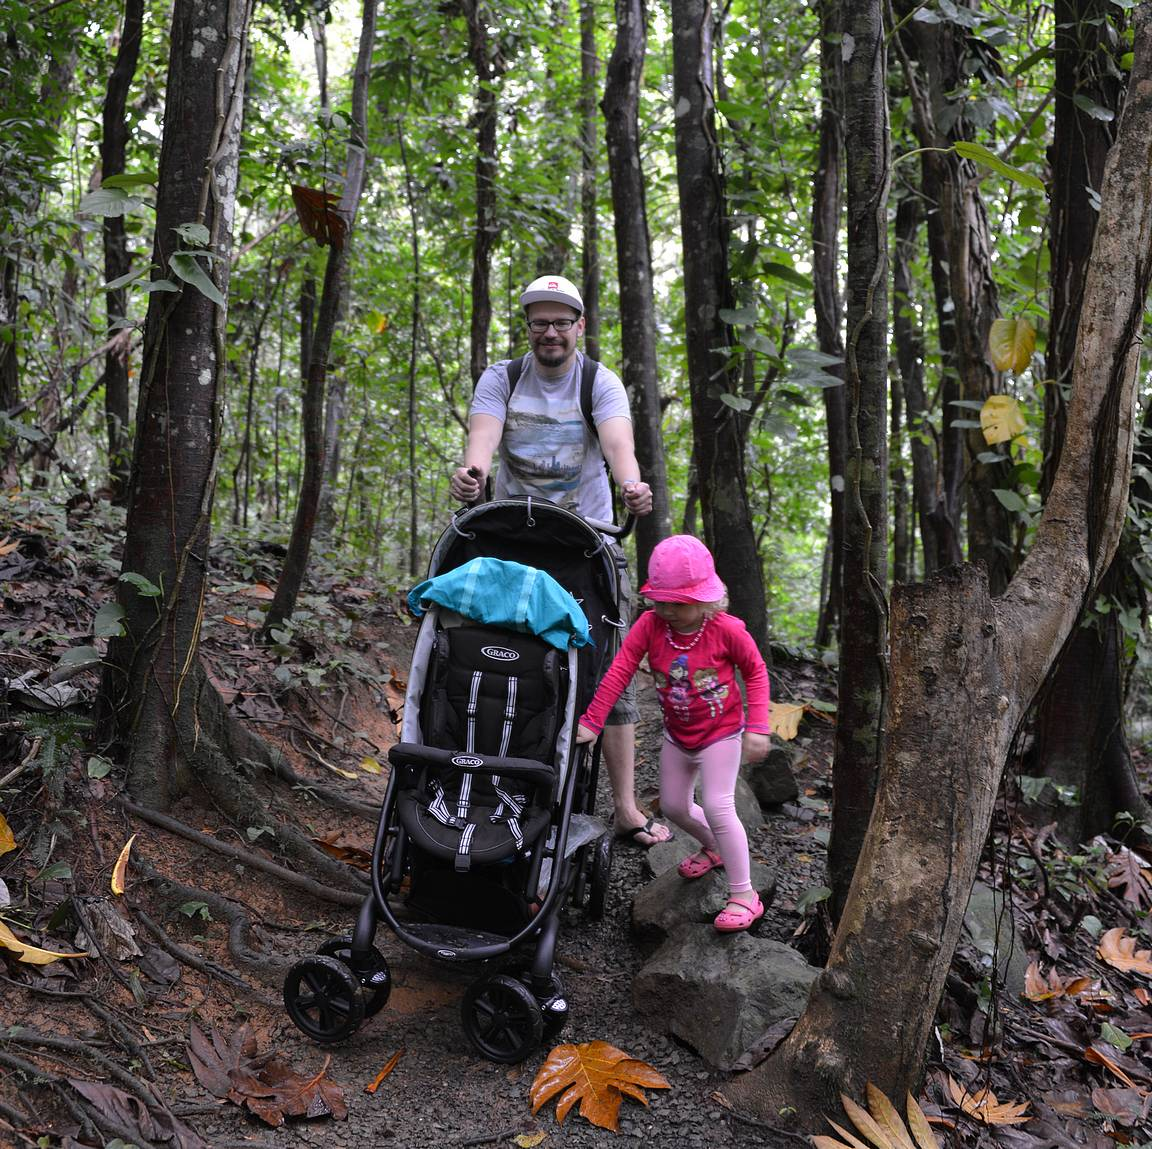 Matkarattaiden pyörät joutui todelliseen rasitukseen El Yunquen sademetsässä.